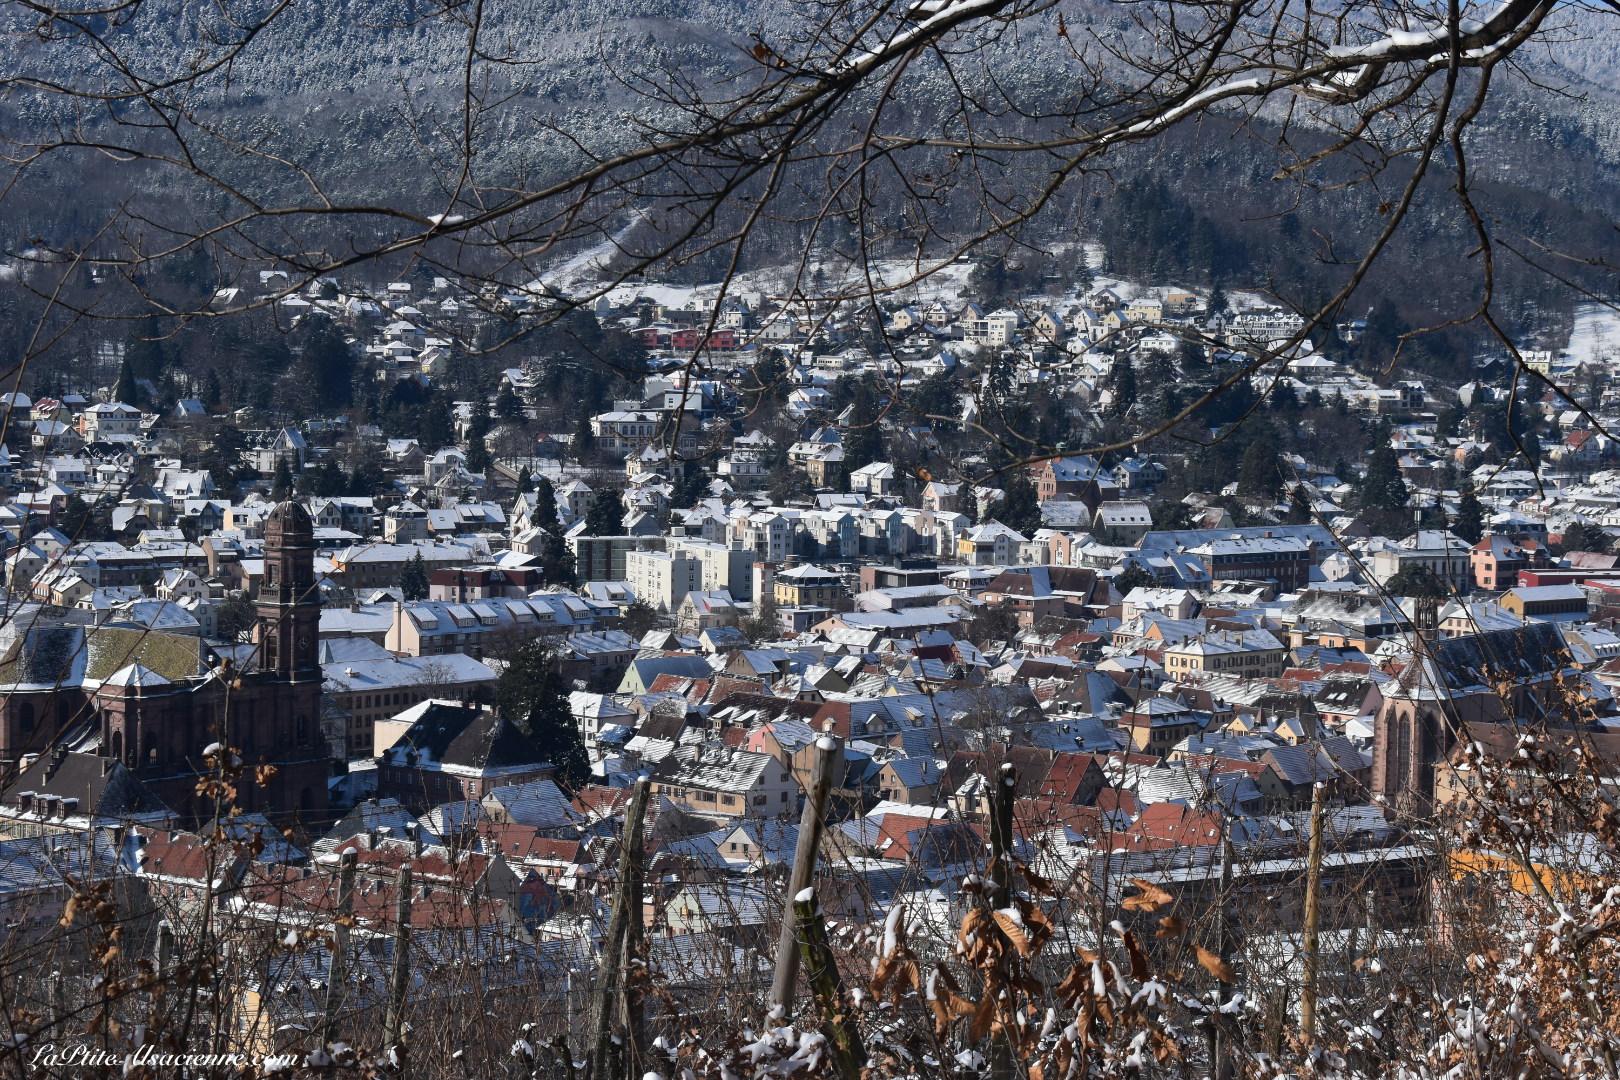 Vue sur Guebwiller sous la neige depuis le vignoble - Photo de Cendrine Miesch dite LaPtiteAlsacienne